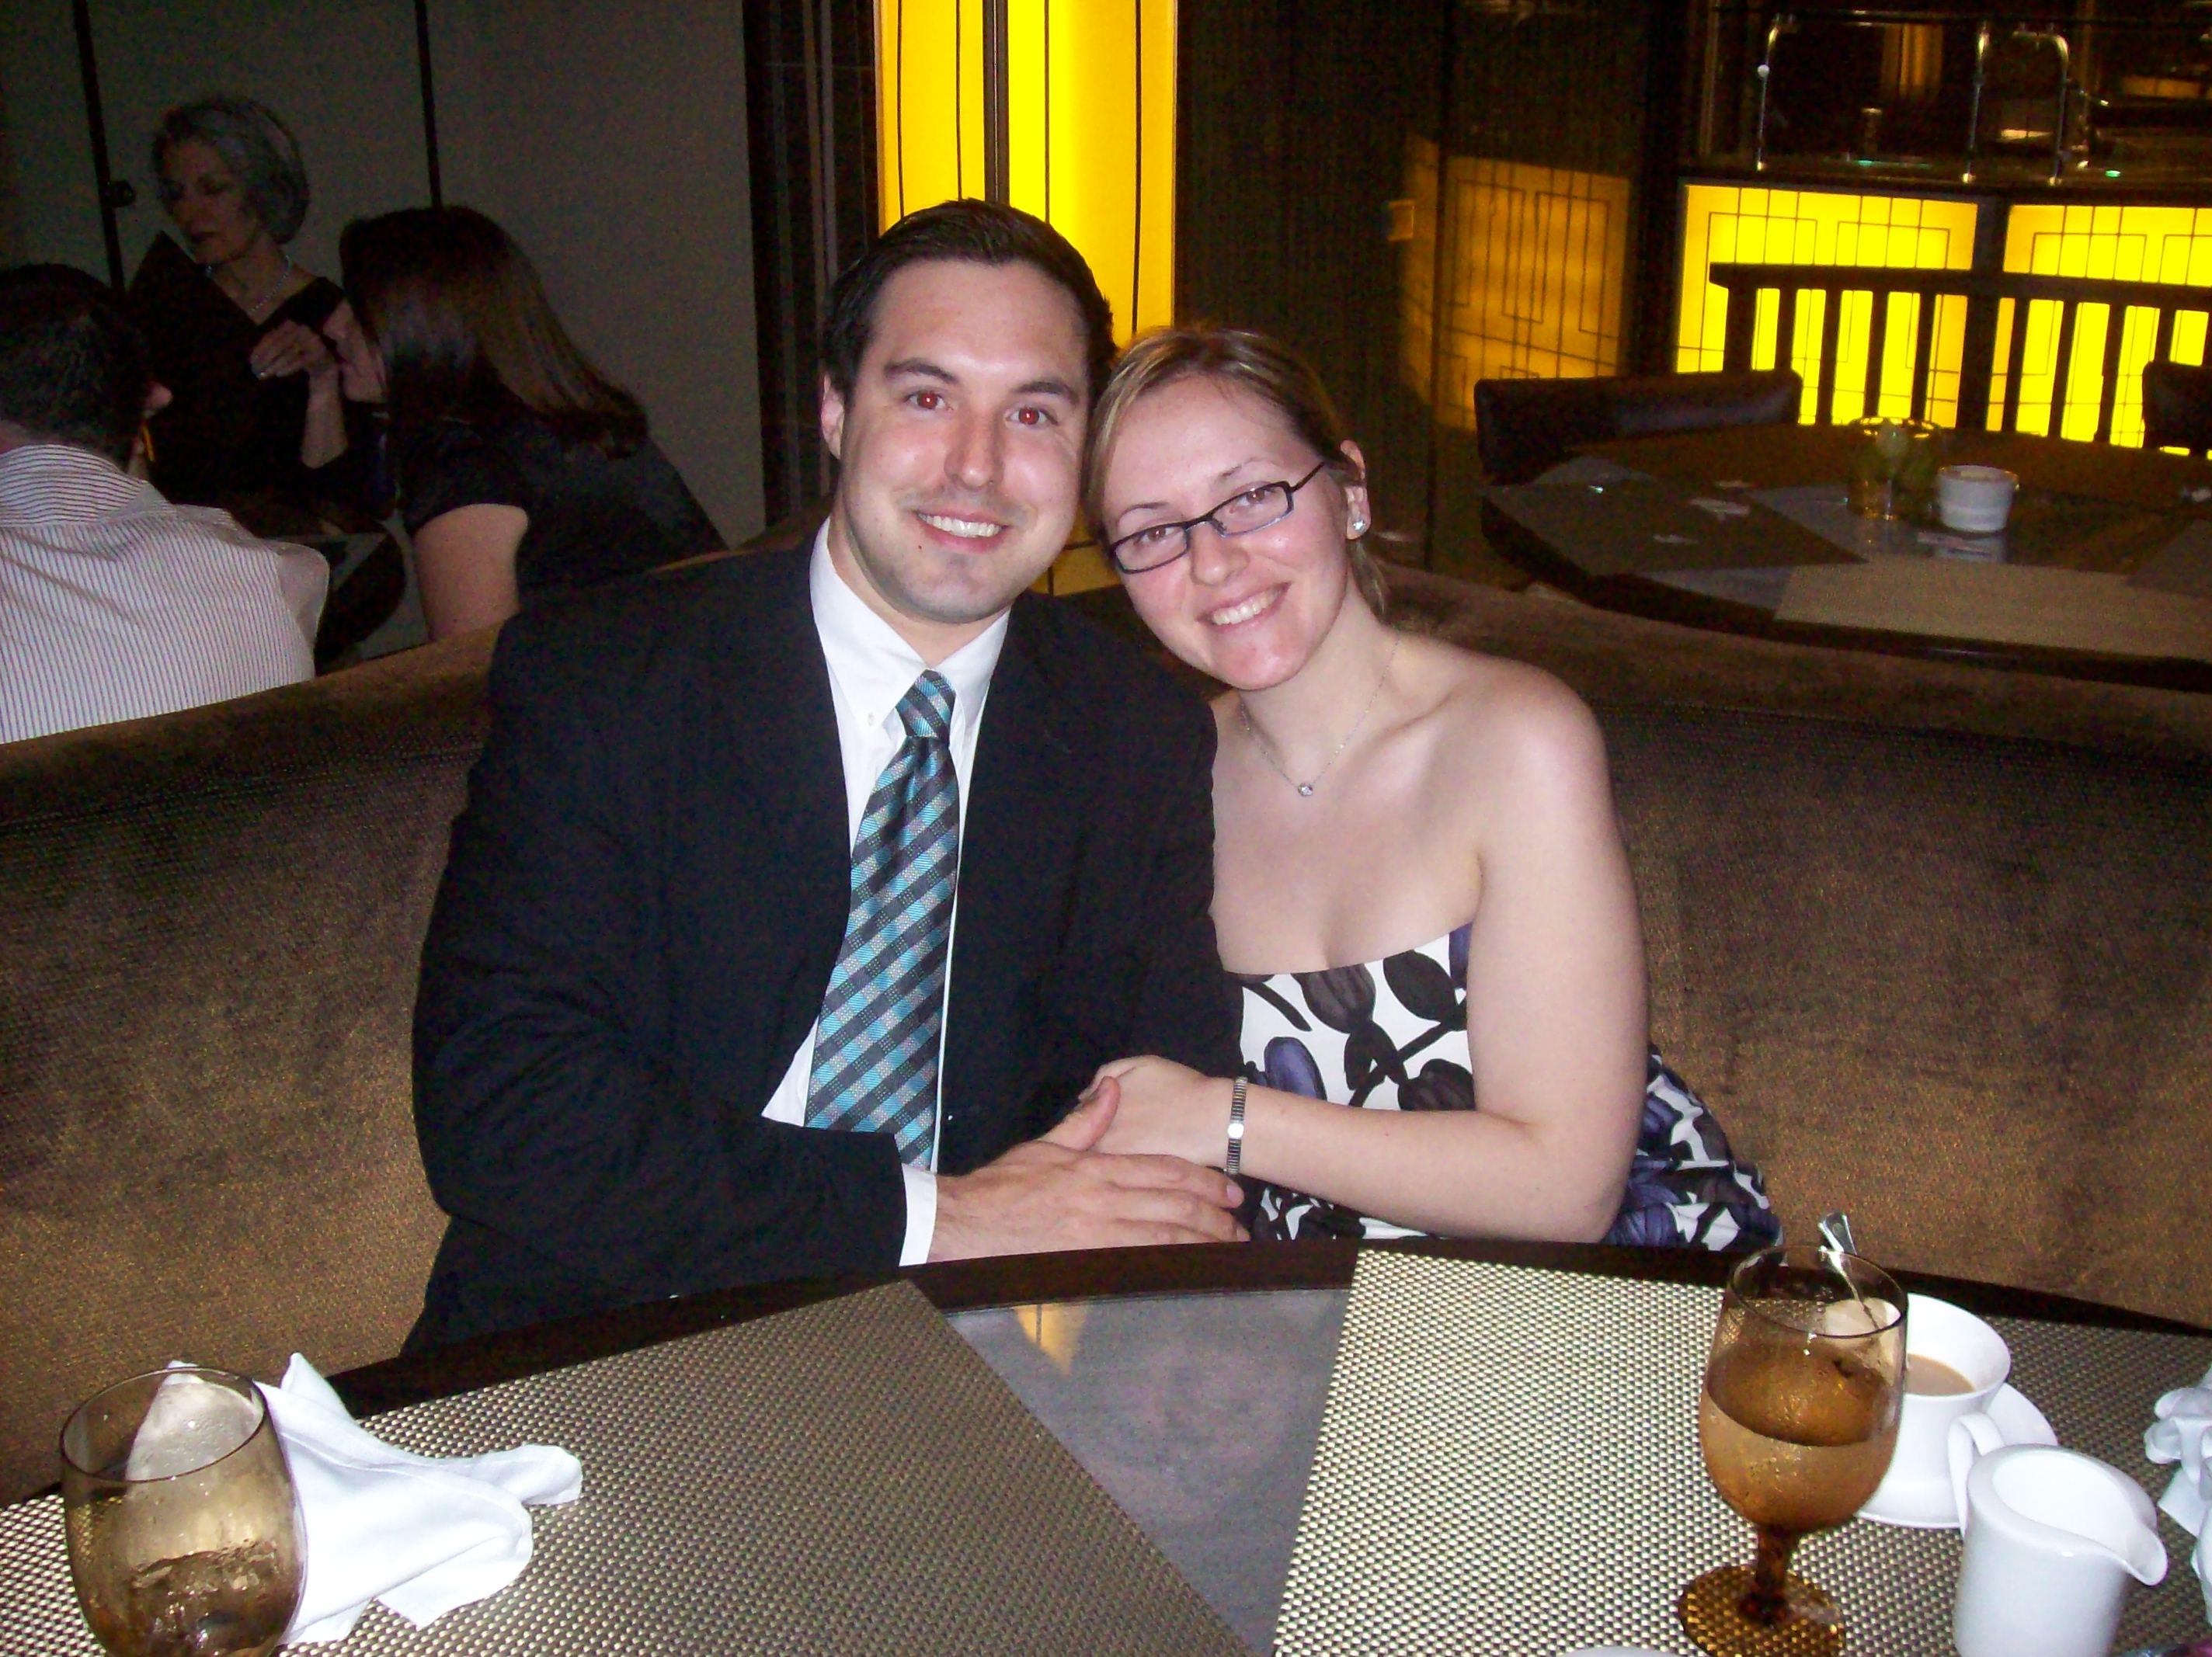 Nick and Rebecca